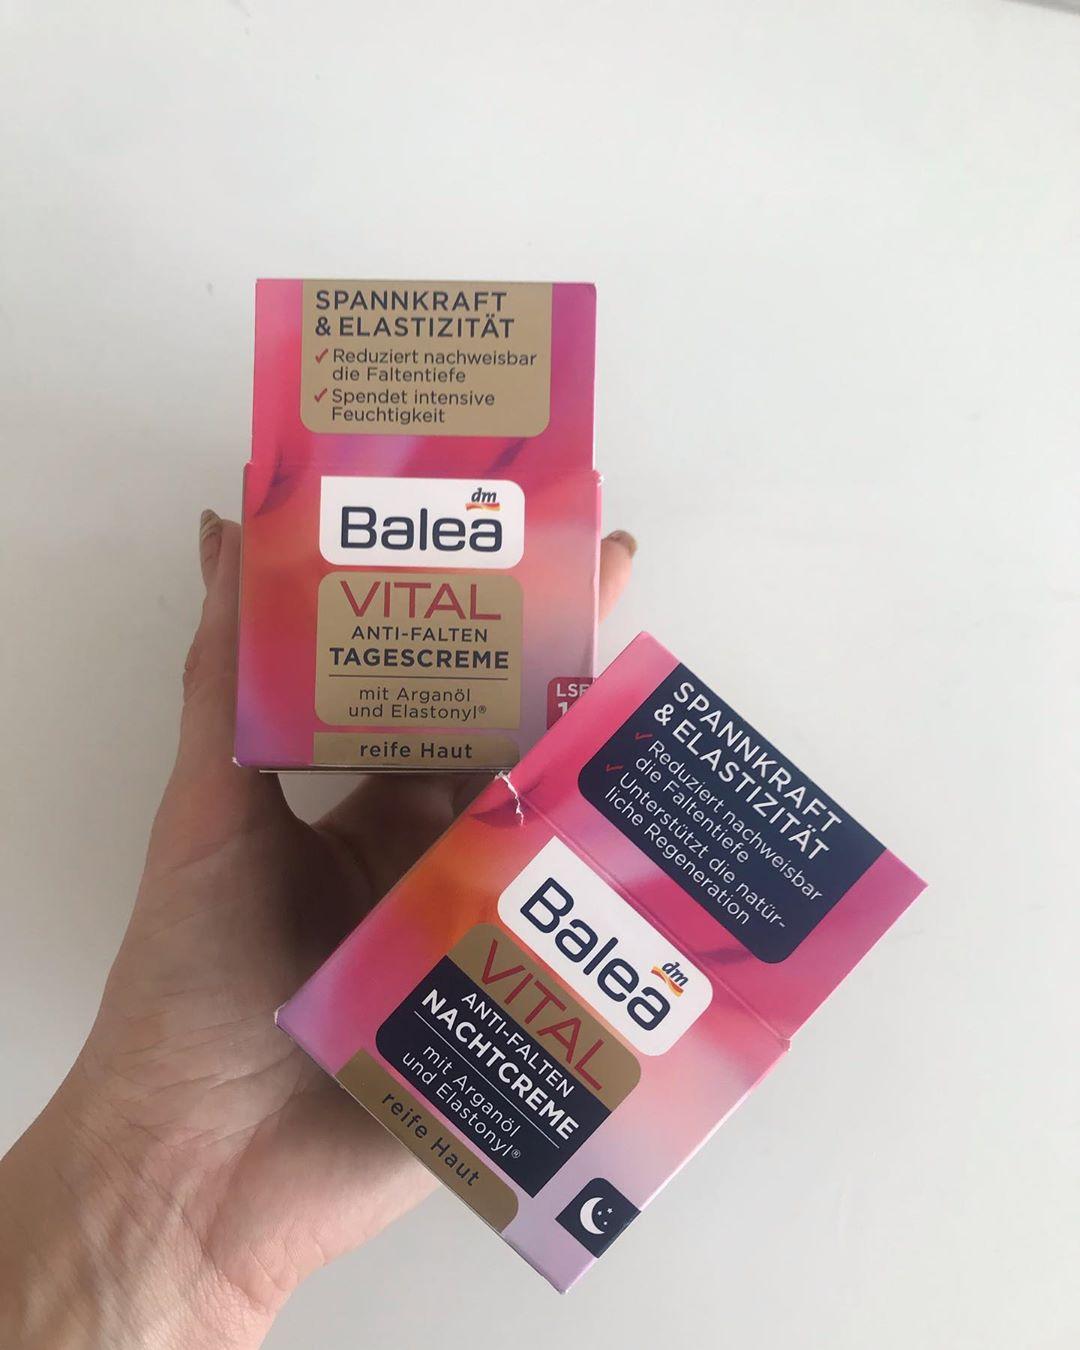 Kem dưỡng giảm nếp nhăn Balea Vital cho tuổi trên 40